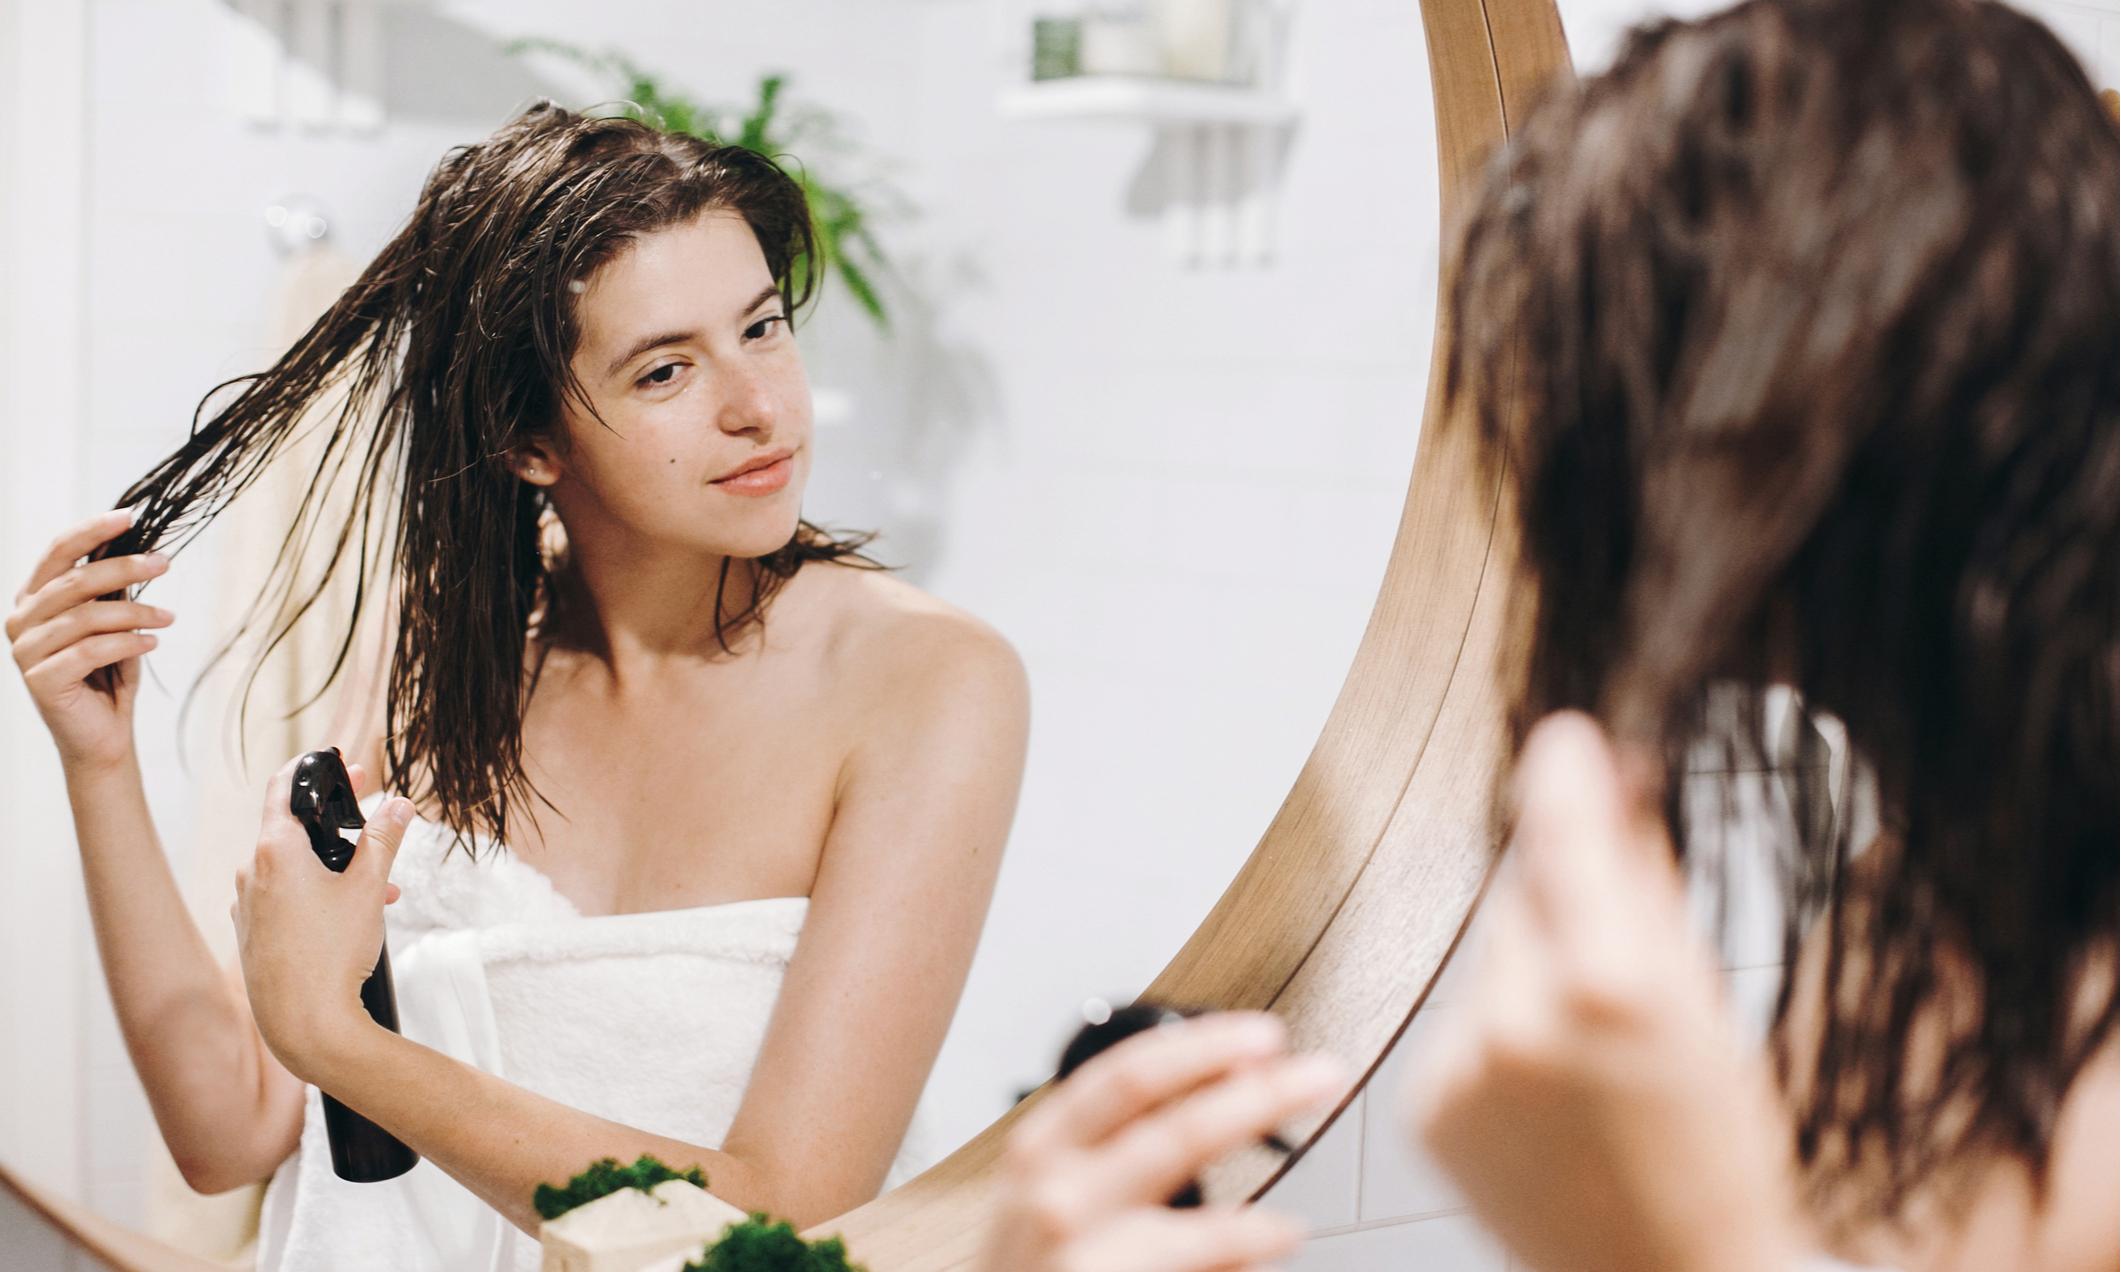 С заботой о здоровье: лучшие органические шампуни для волос